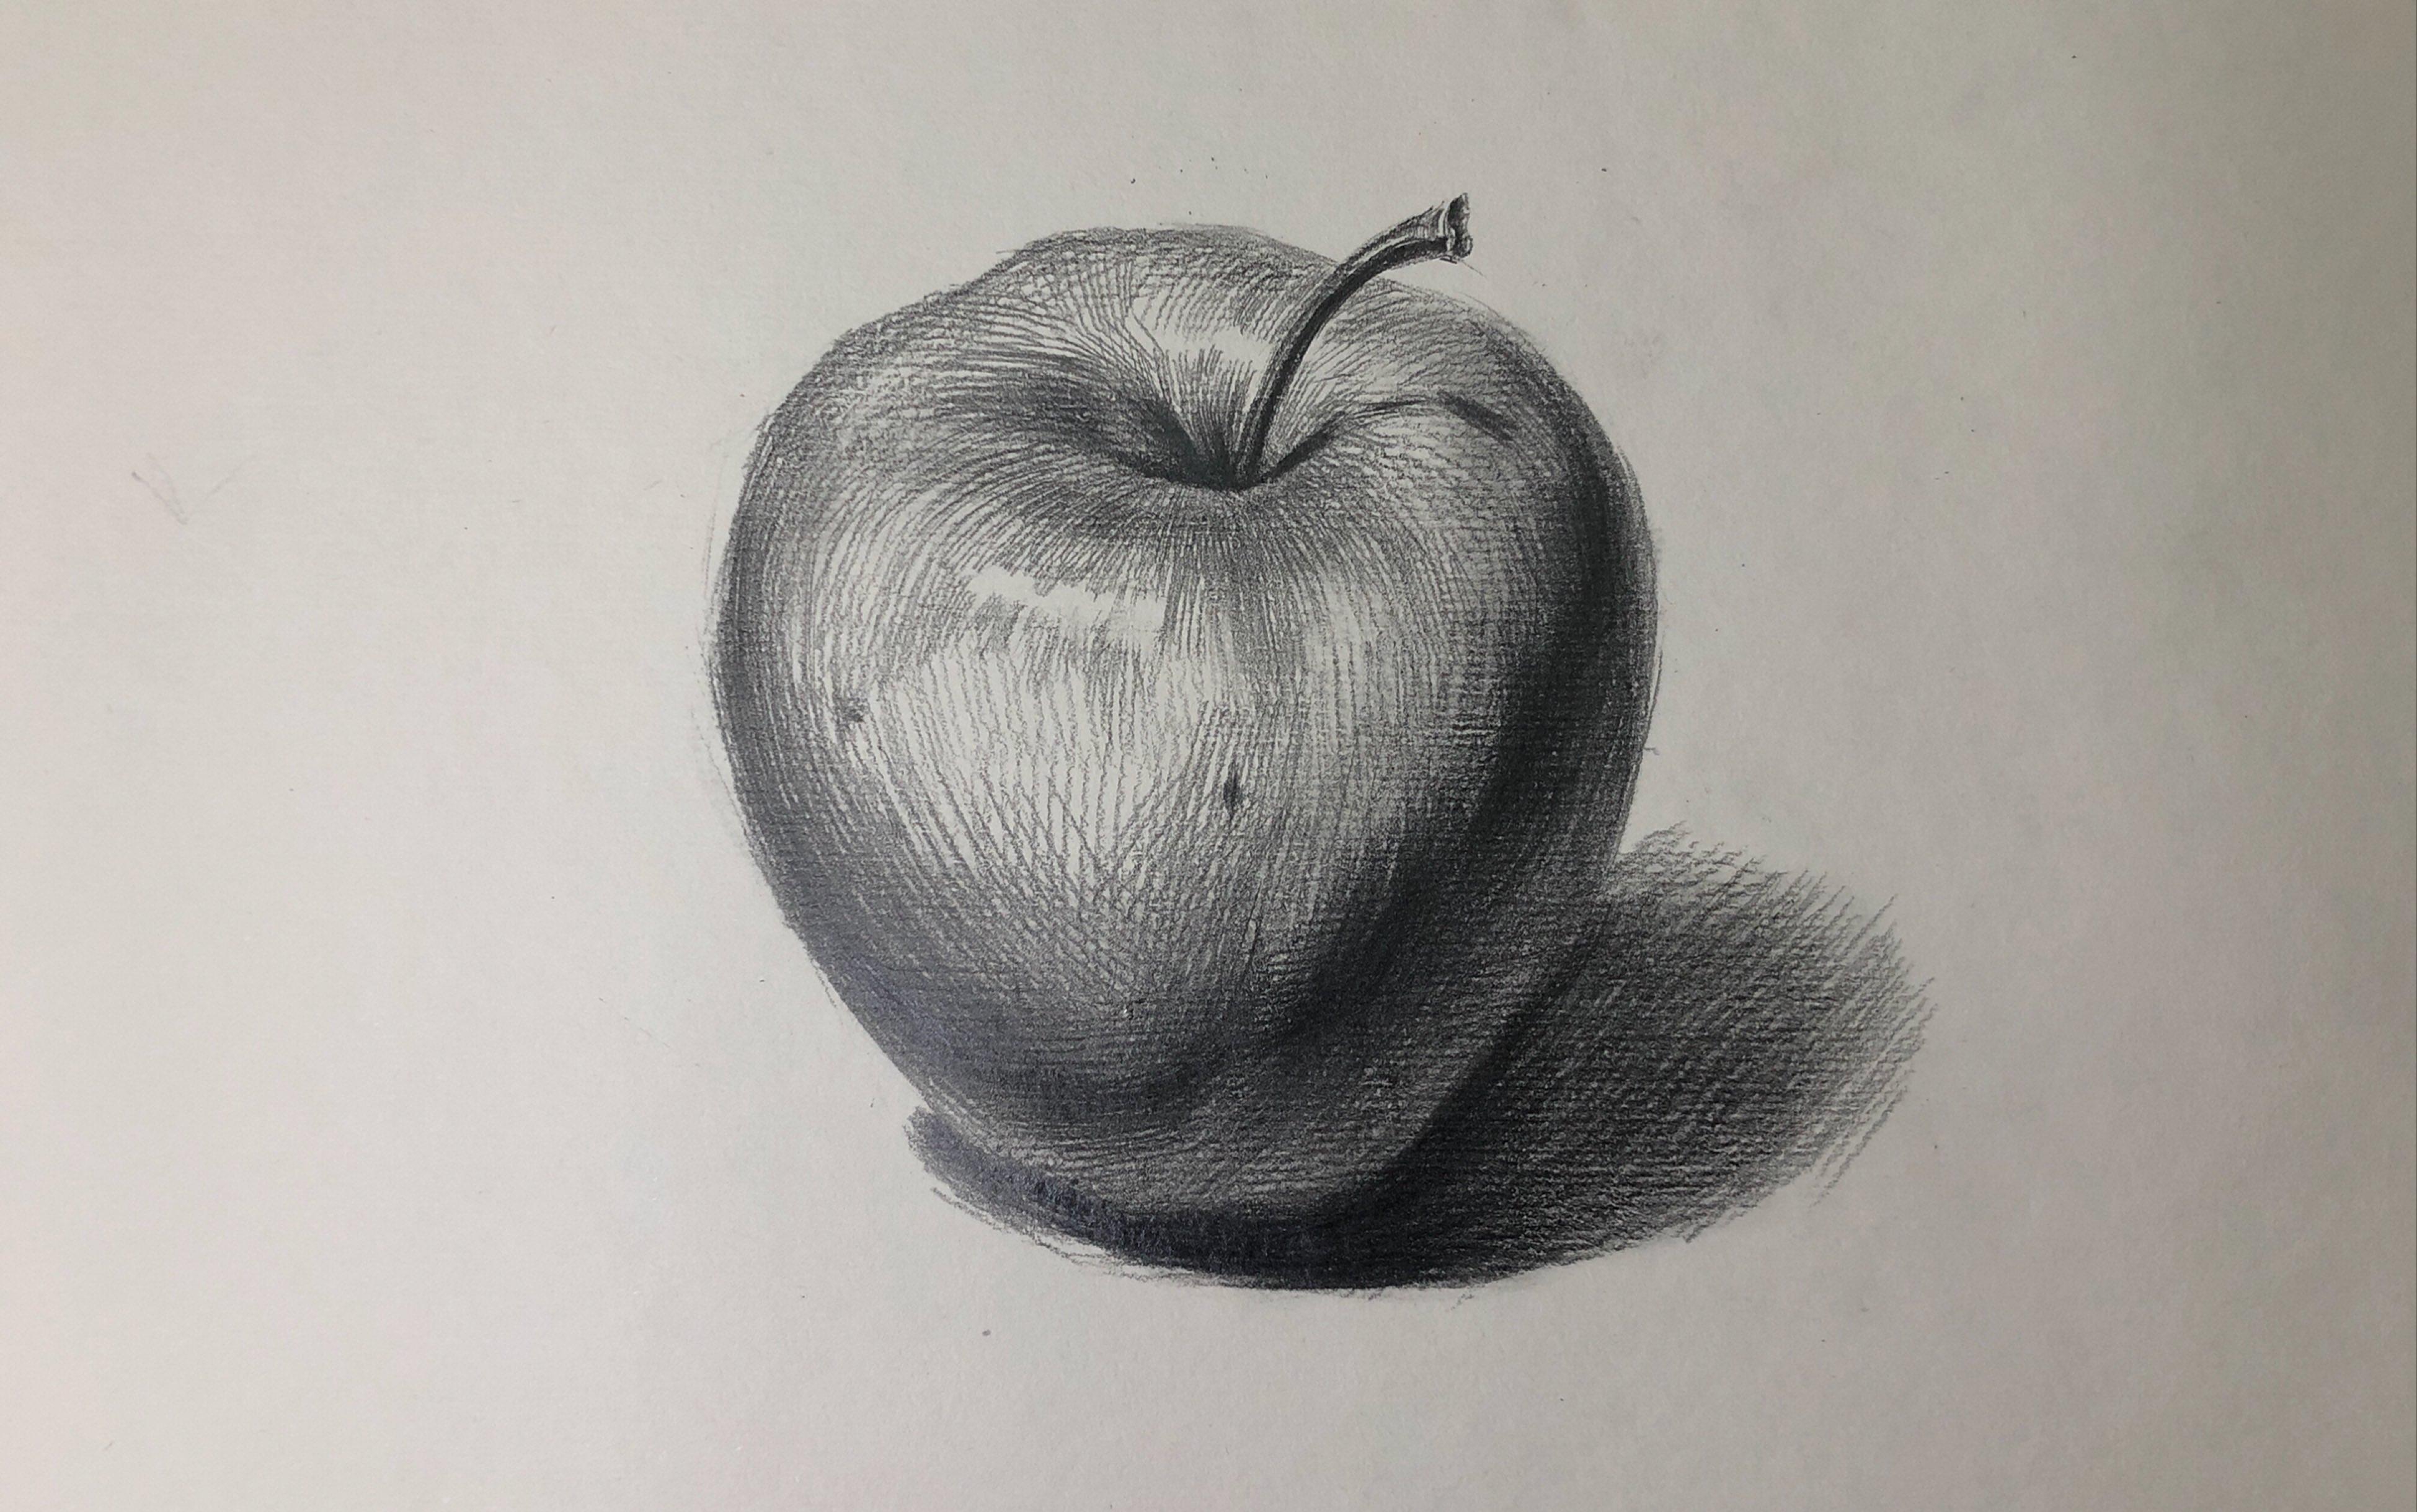 曹老师教你画素描之静物素描 苹果的画法图片